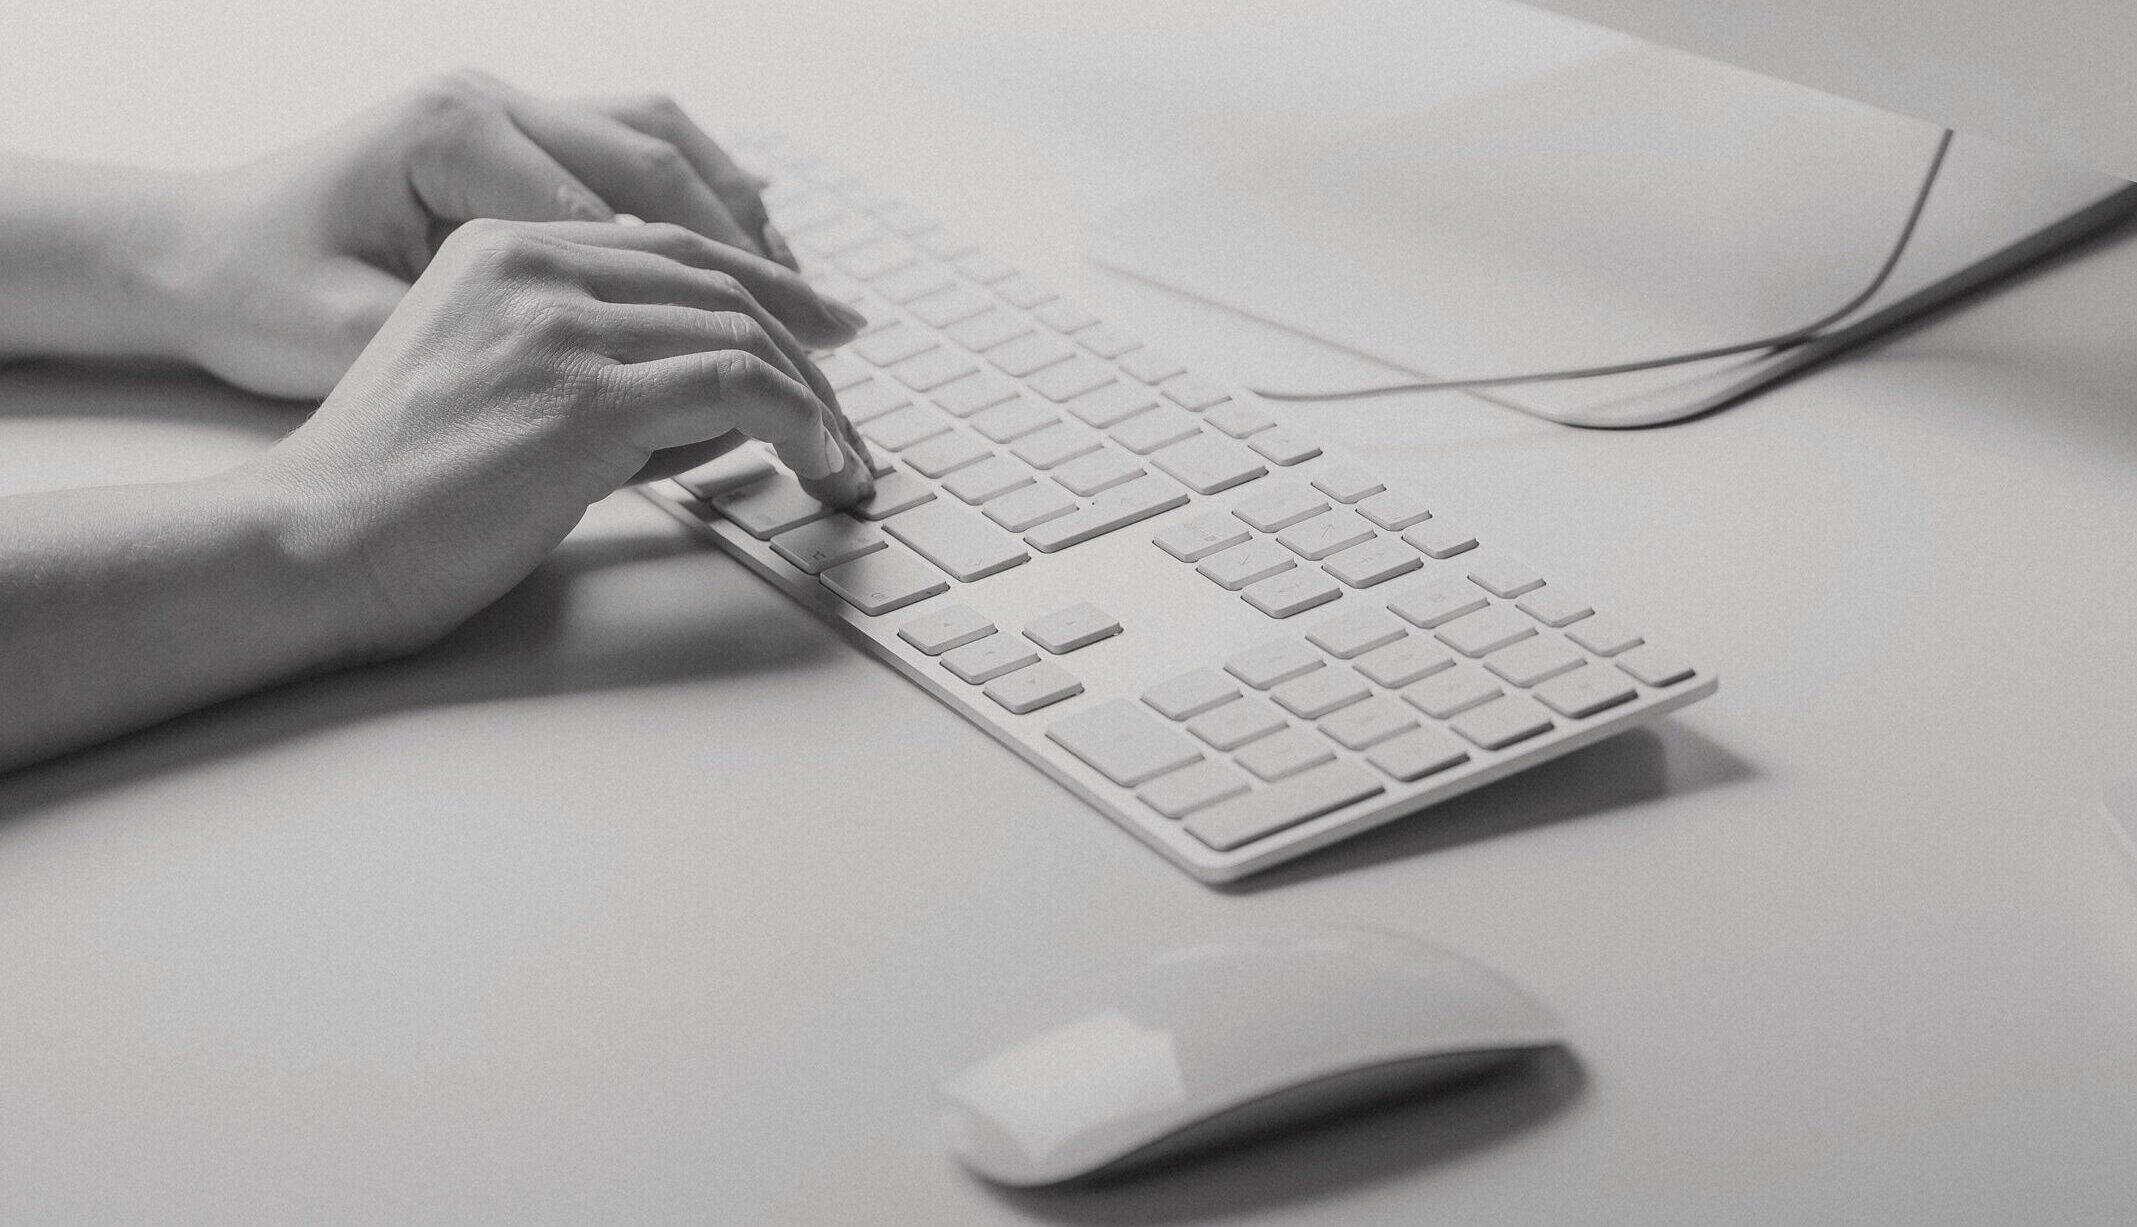 Markkinointiviestinnän moniosaaja, sisällöntuottaja ja freelancer